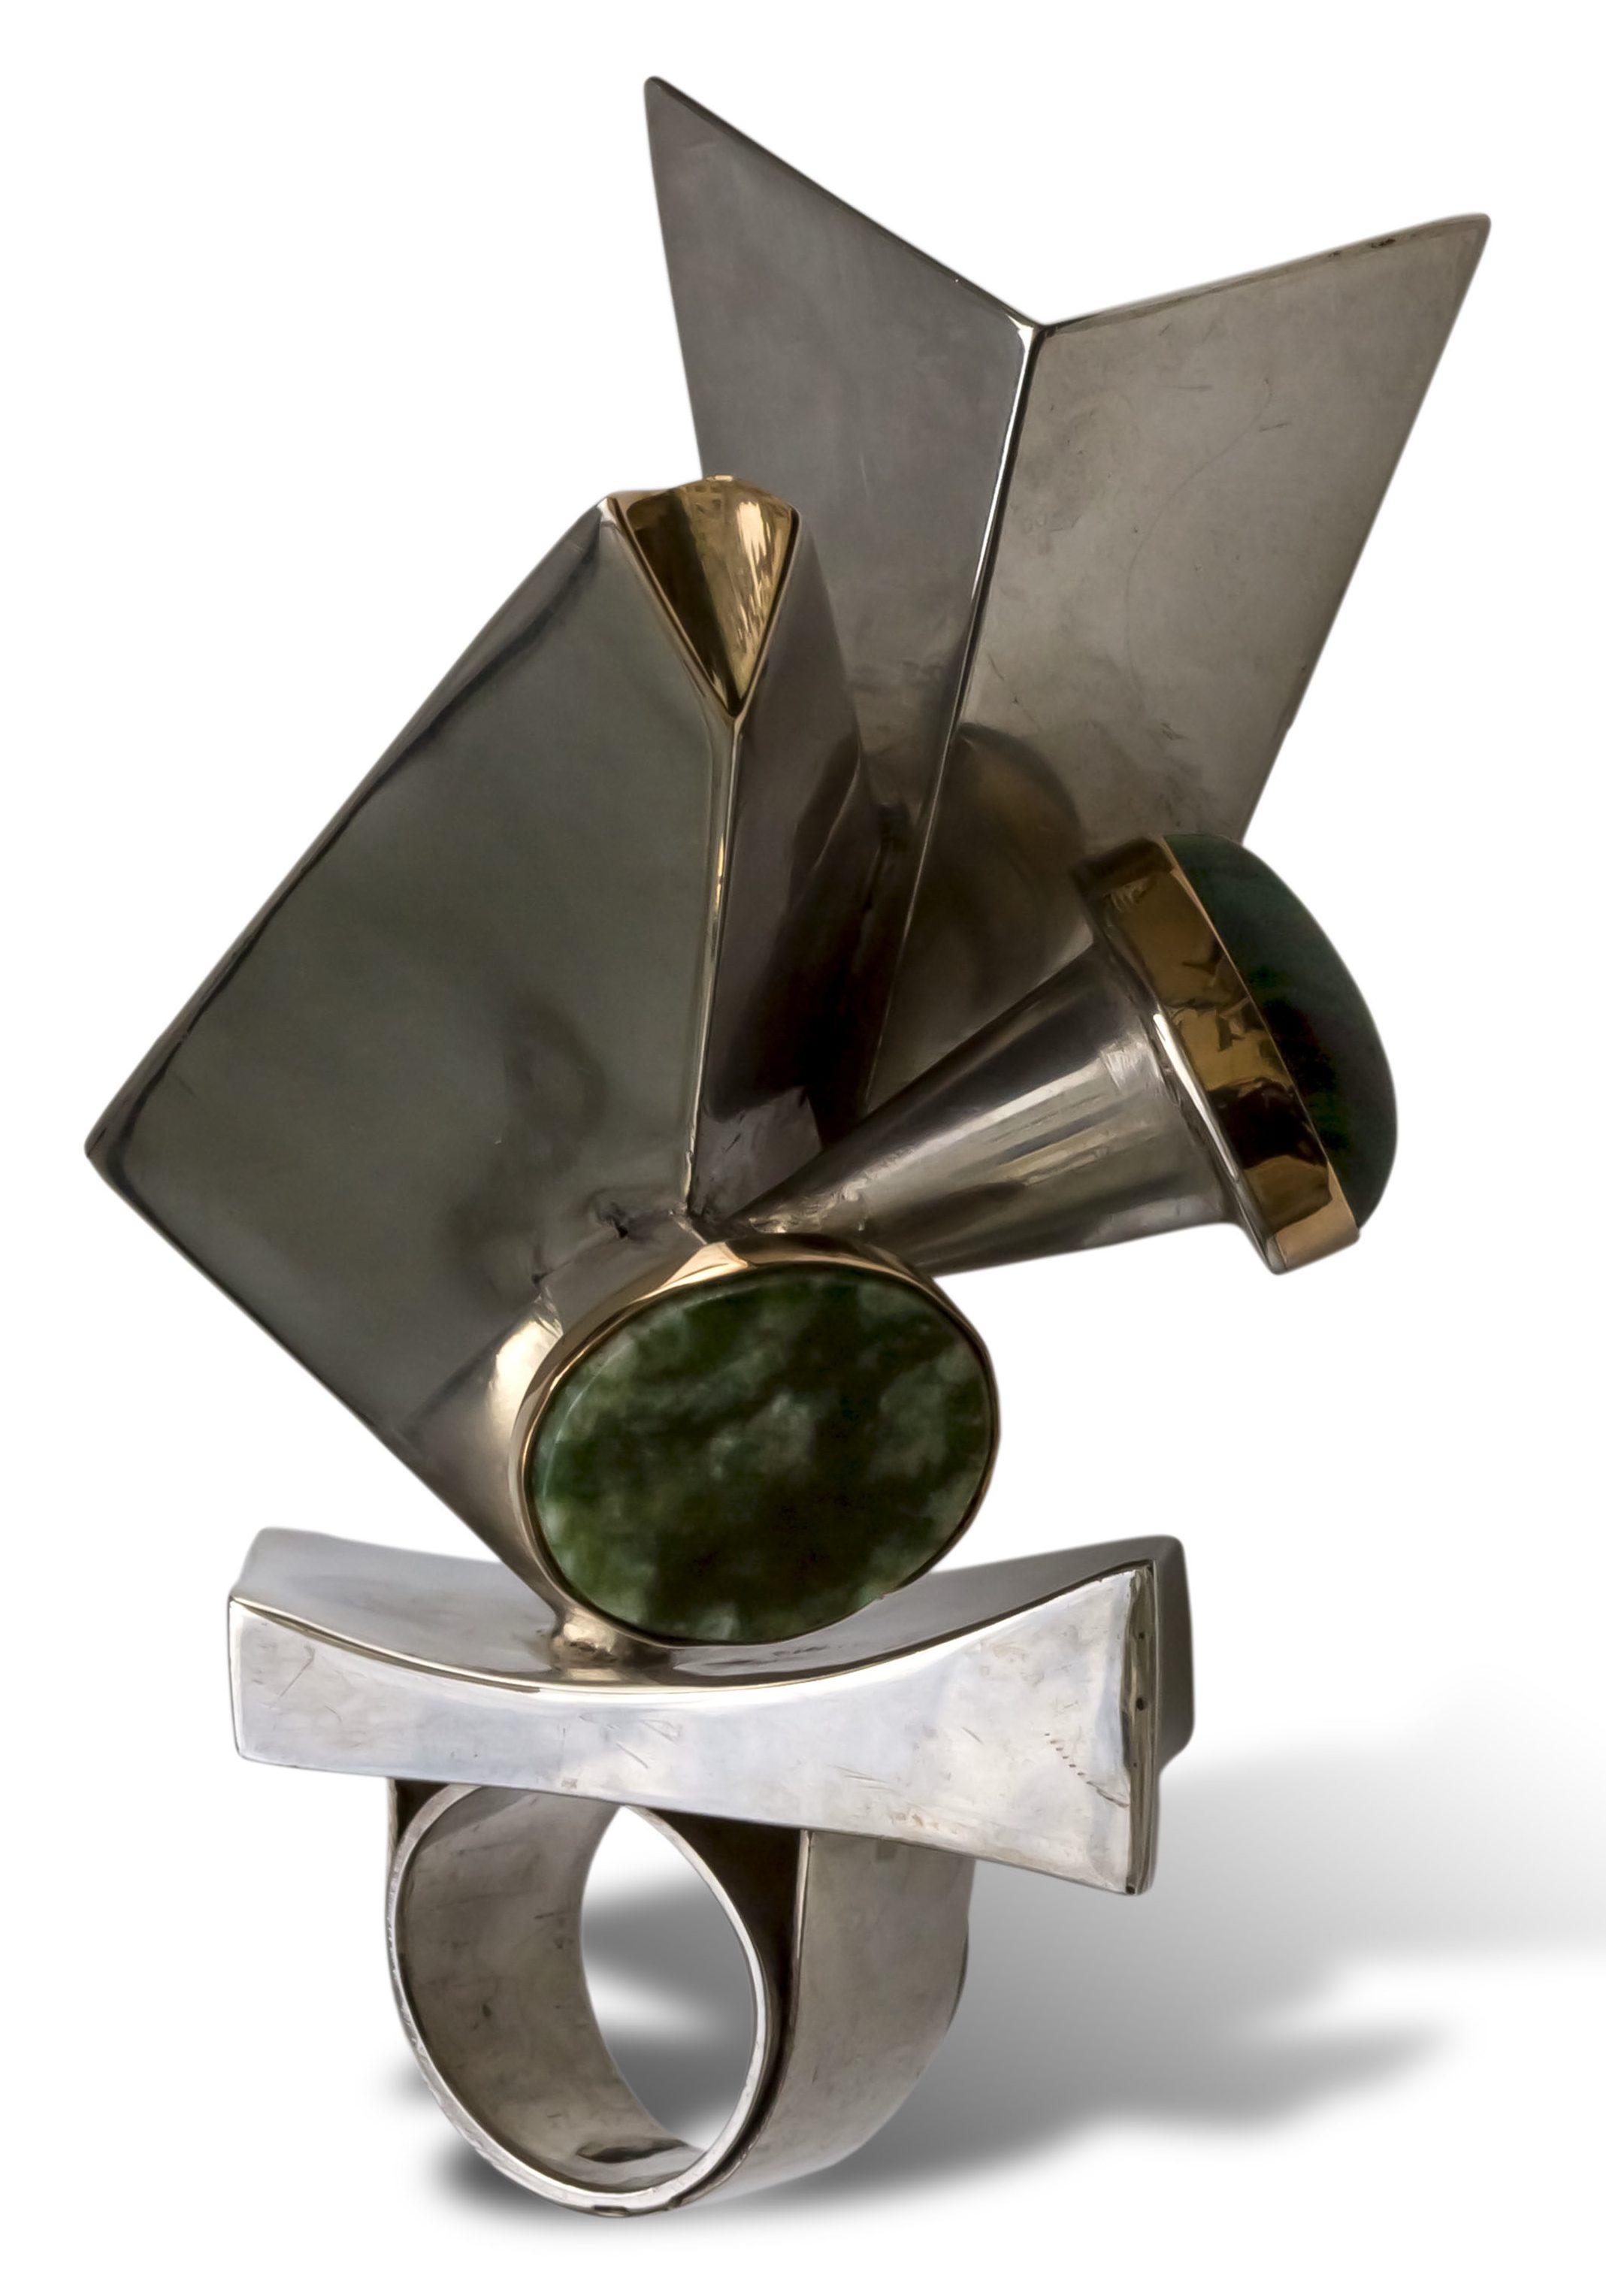 Manette van Hamel, ring, 1970. Collectie Ida Boelen-van Gelder. Fotografie Aldo Smit©